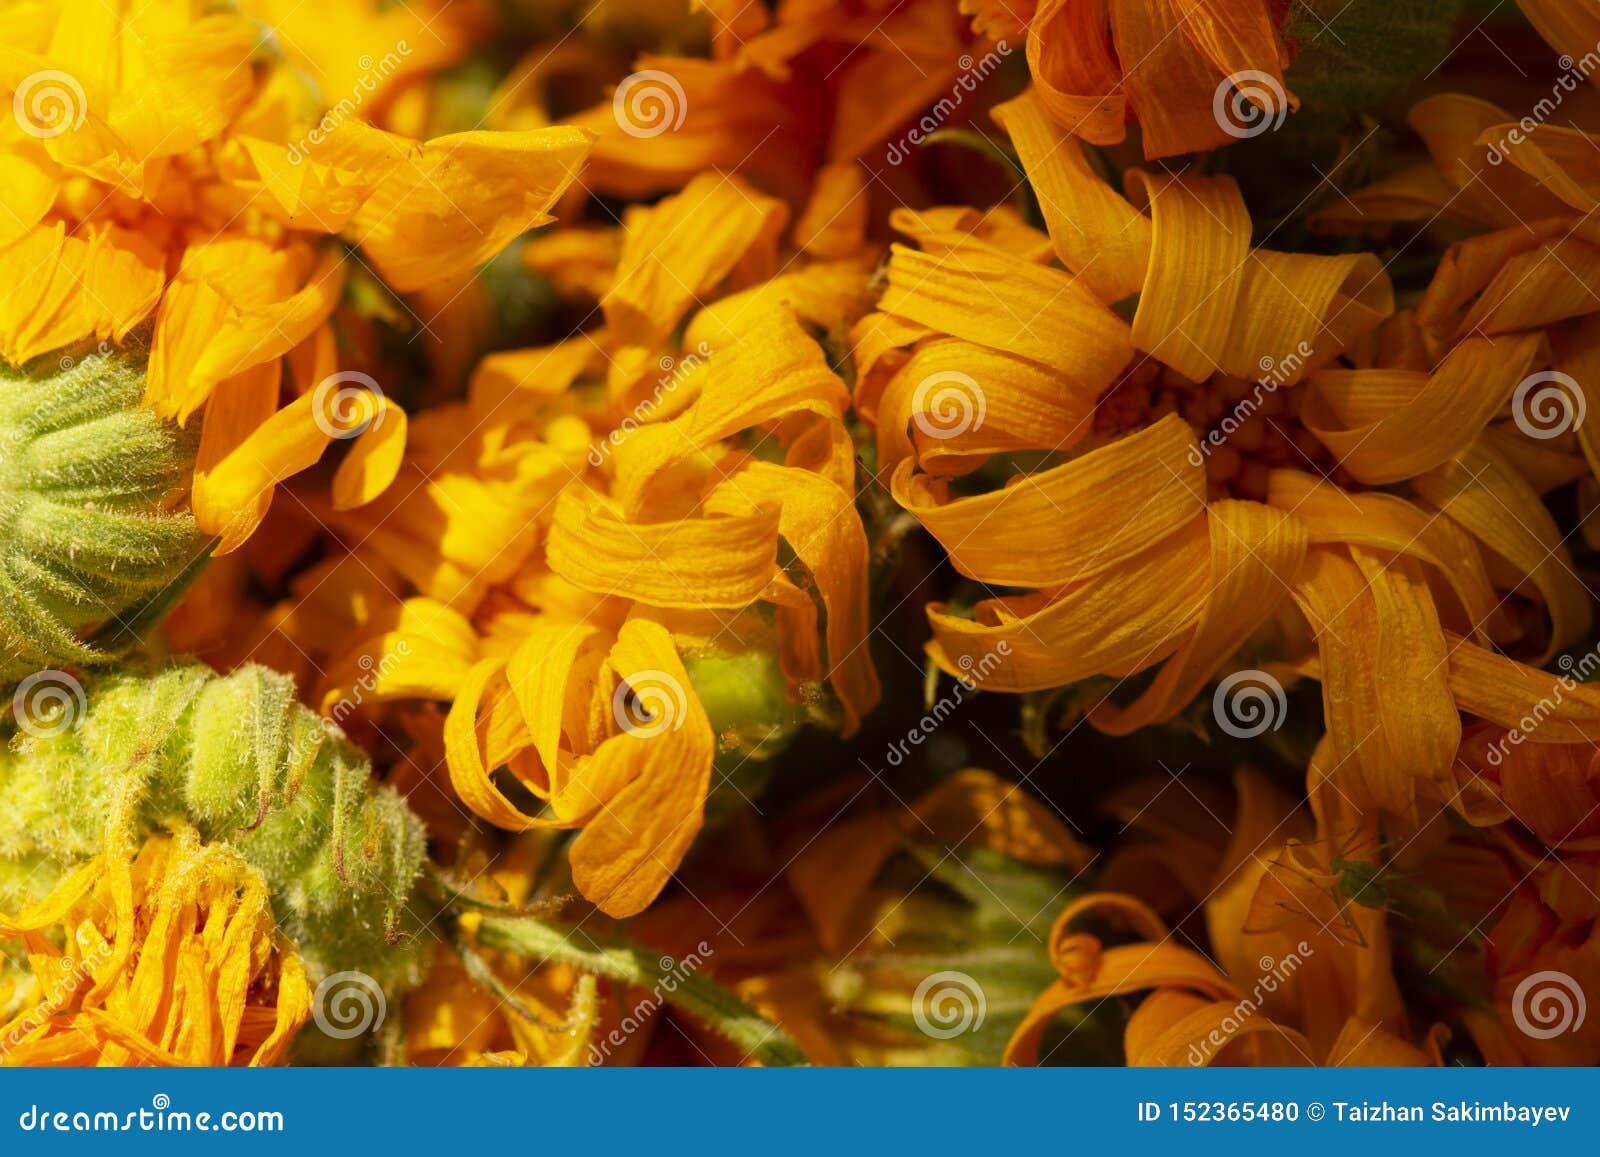 Trockenes Calendulafoto Calendulablume, Medizinkraut, Calendulahintergrund, organische Anlage Hintergrund von trockenen Calendula